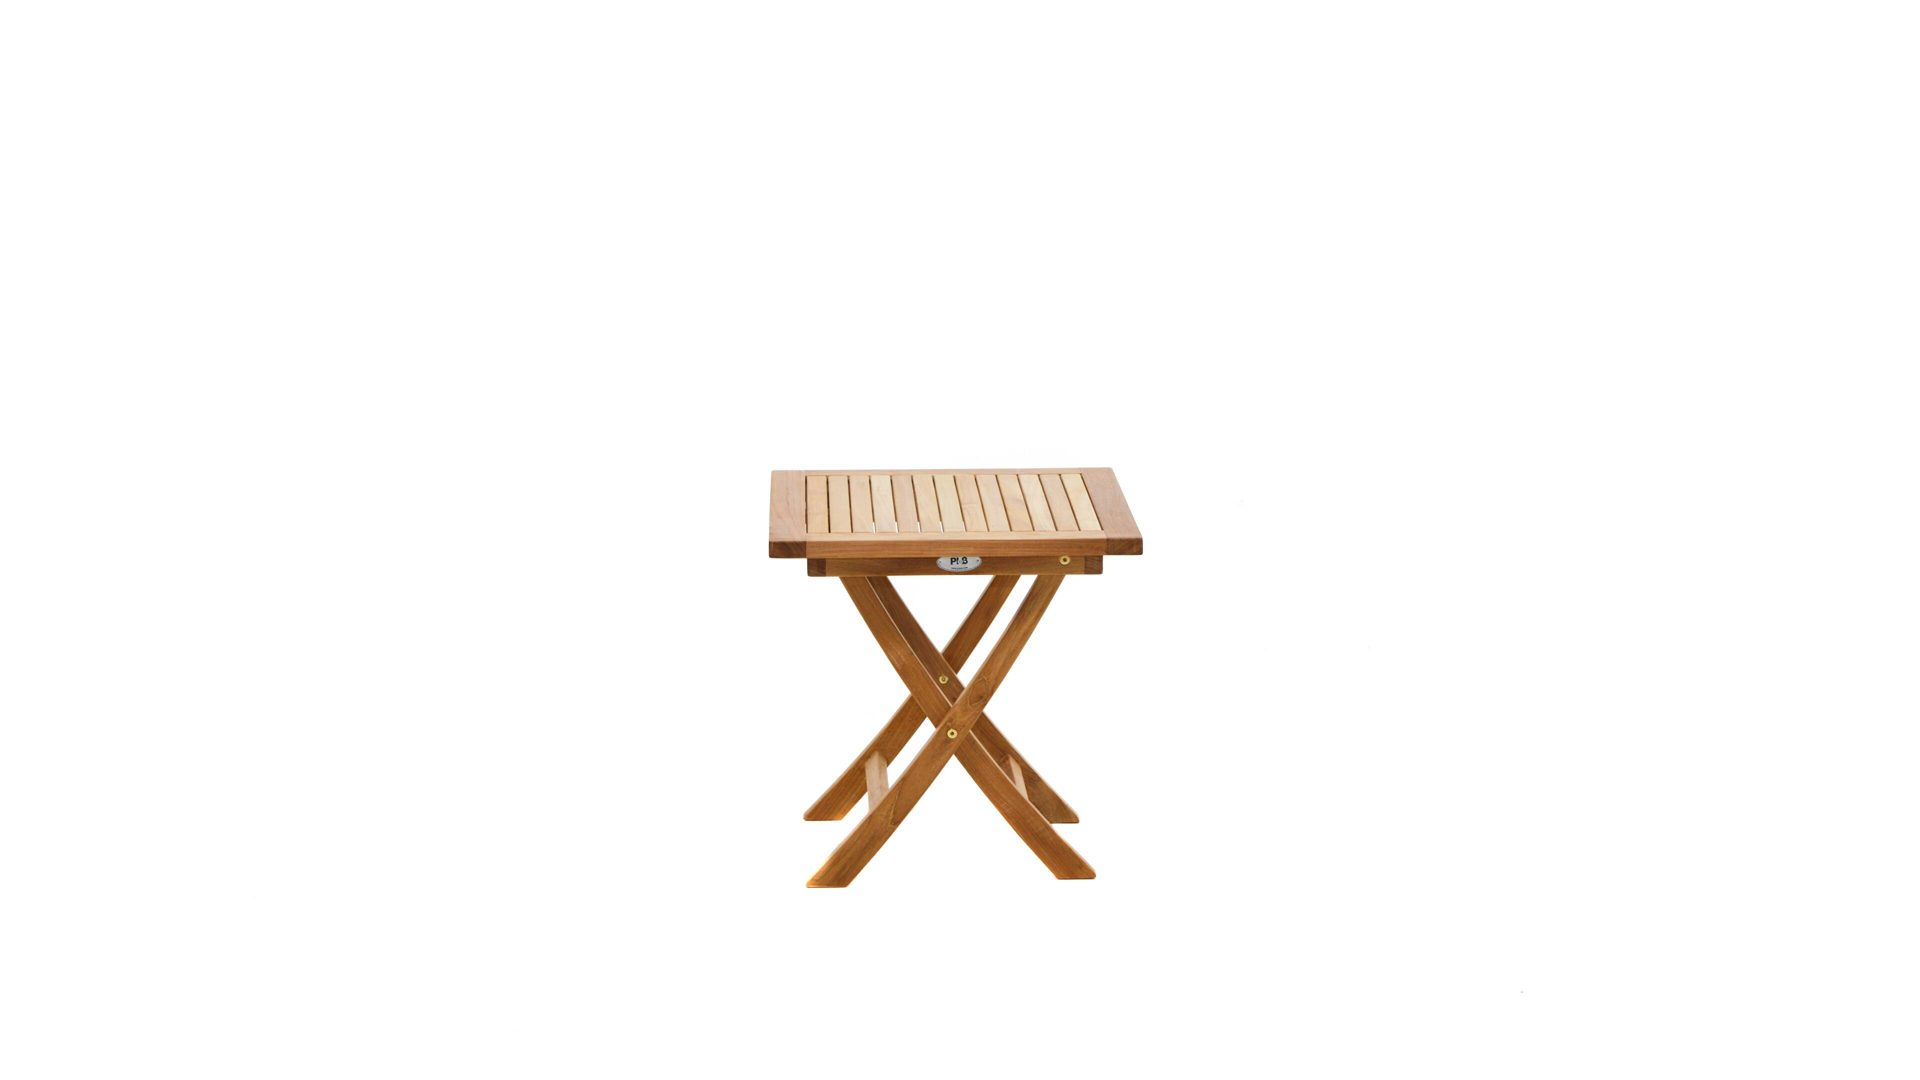 Ploß Klapp-Beistelltisch Tisch Tennessee, Teakholz – ca. 50 x 50 cm ...